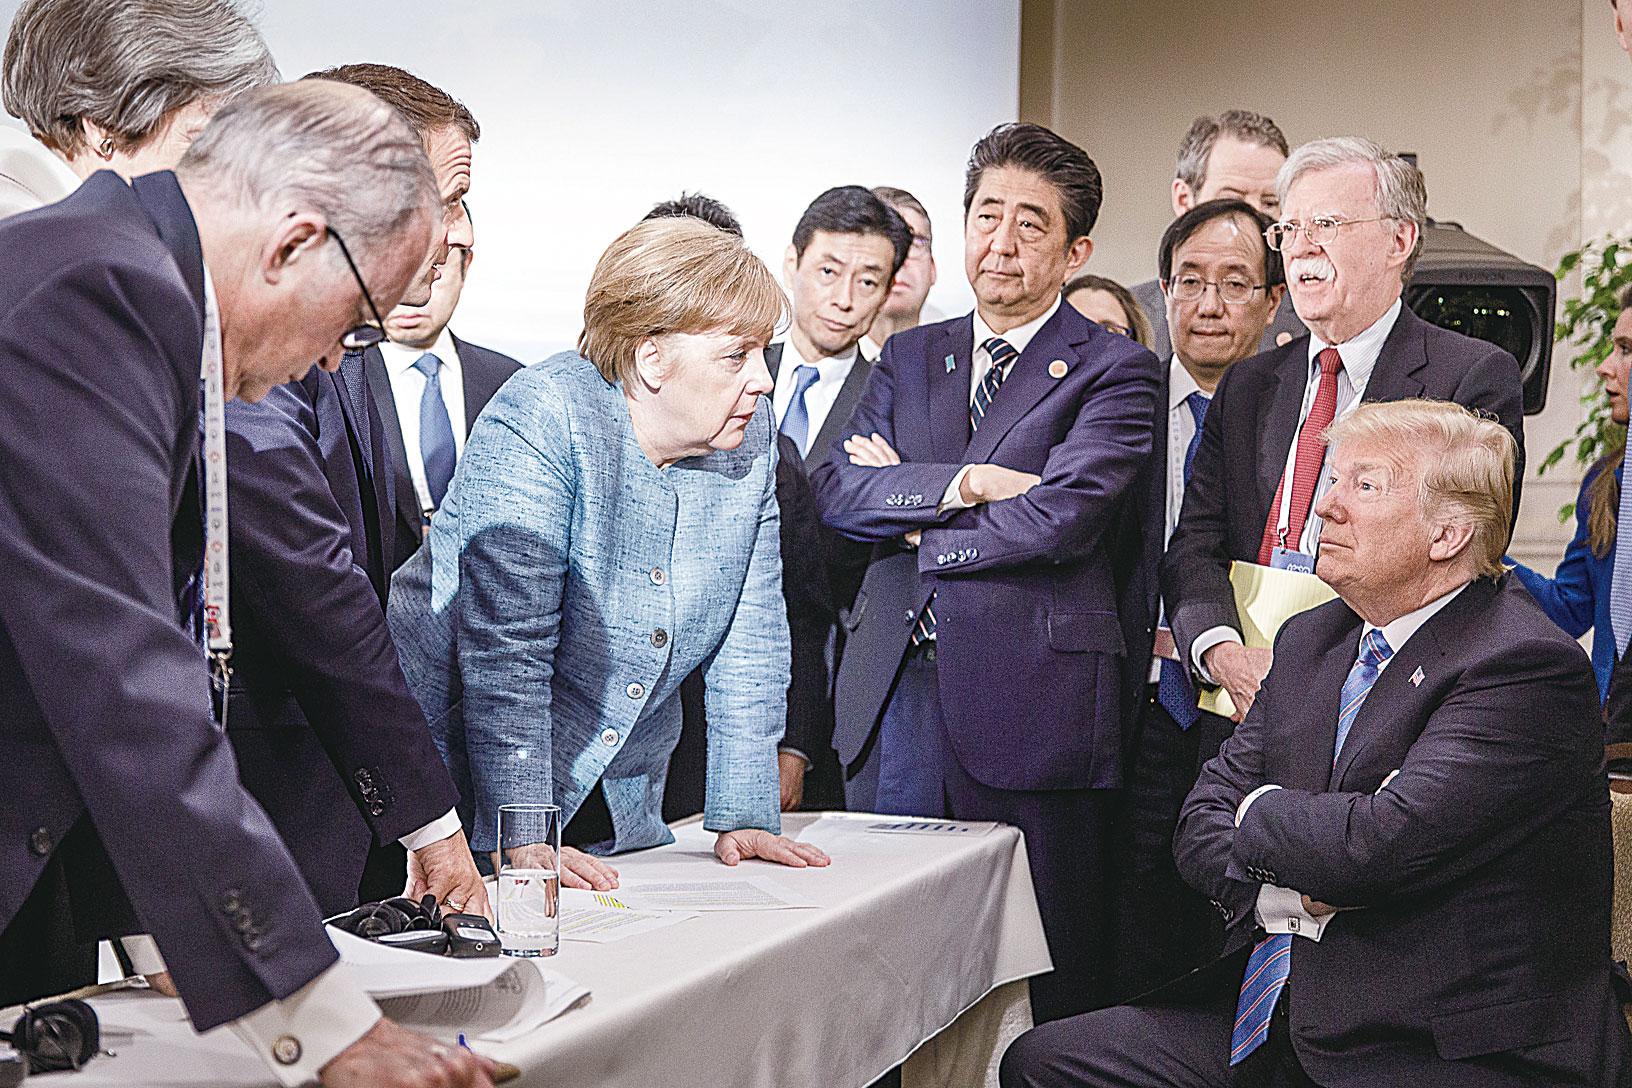 6月9日,德國總理默克爾的團隊在其社交媒體上上傳了一張剛剛在加拿大召開的G7峰會的照片。(Getty Images)